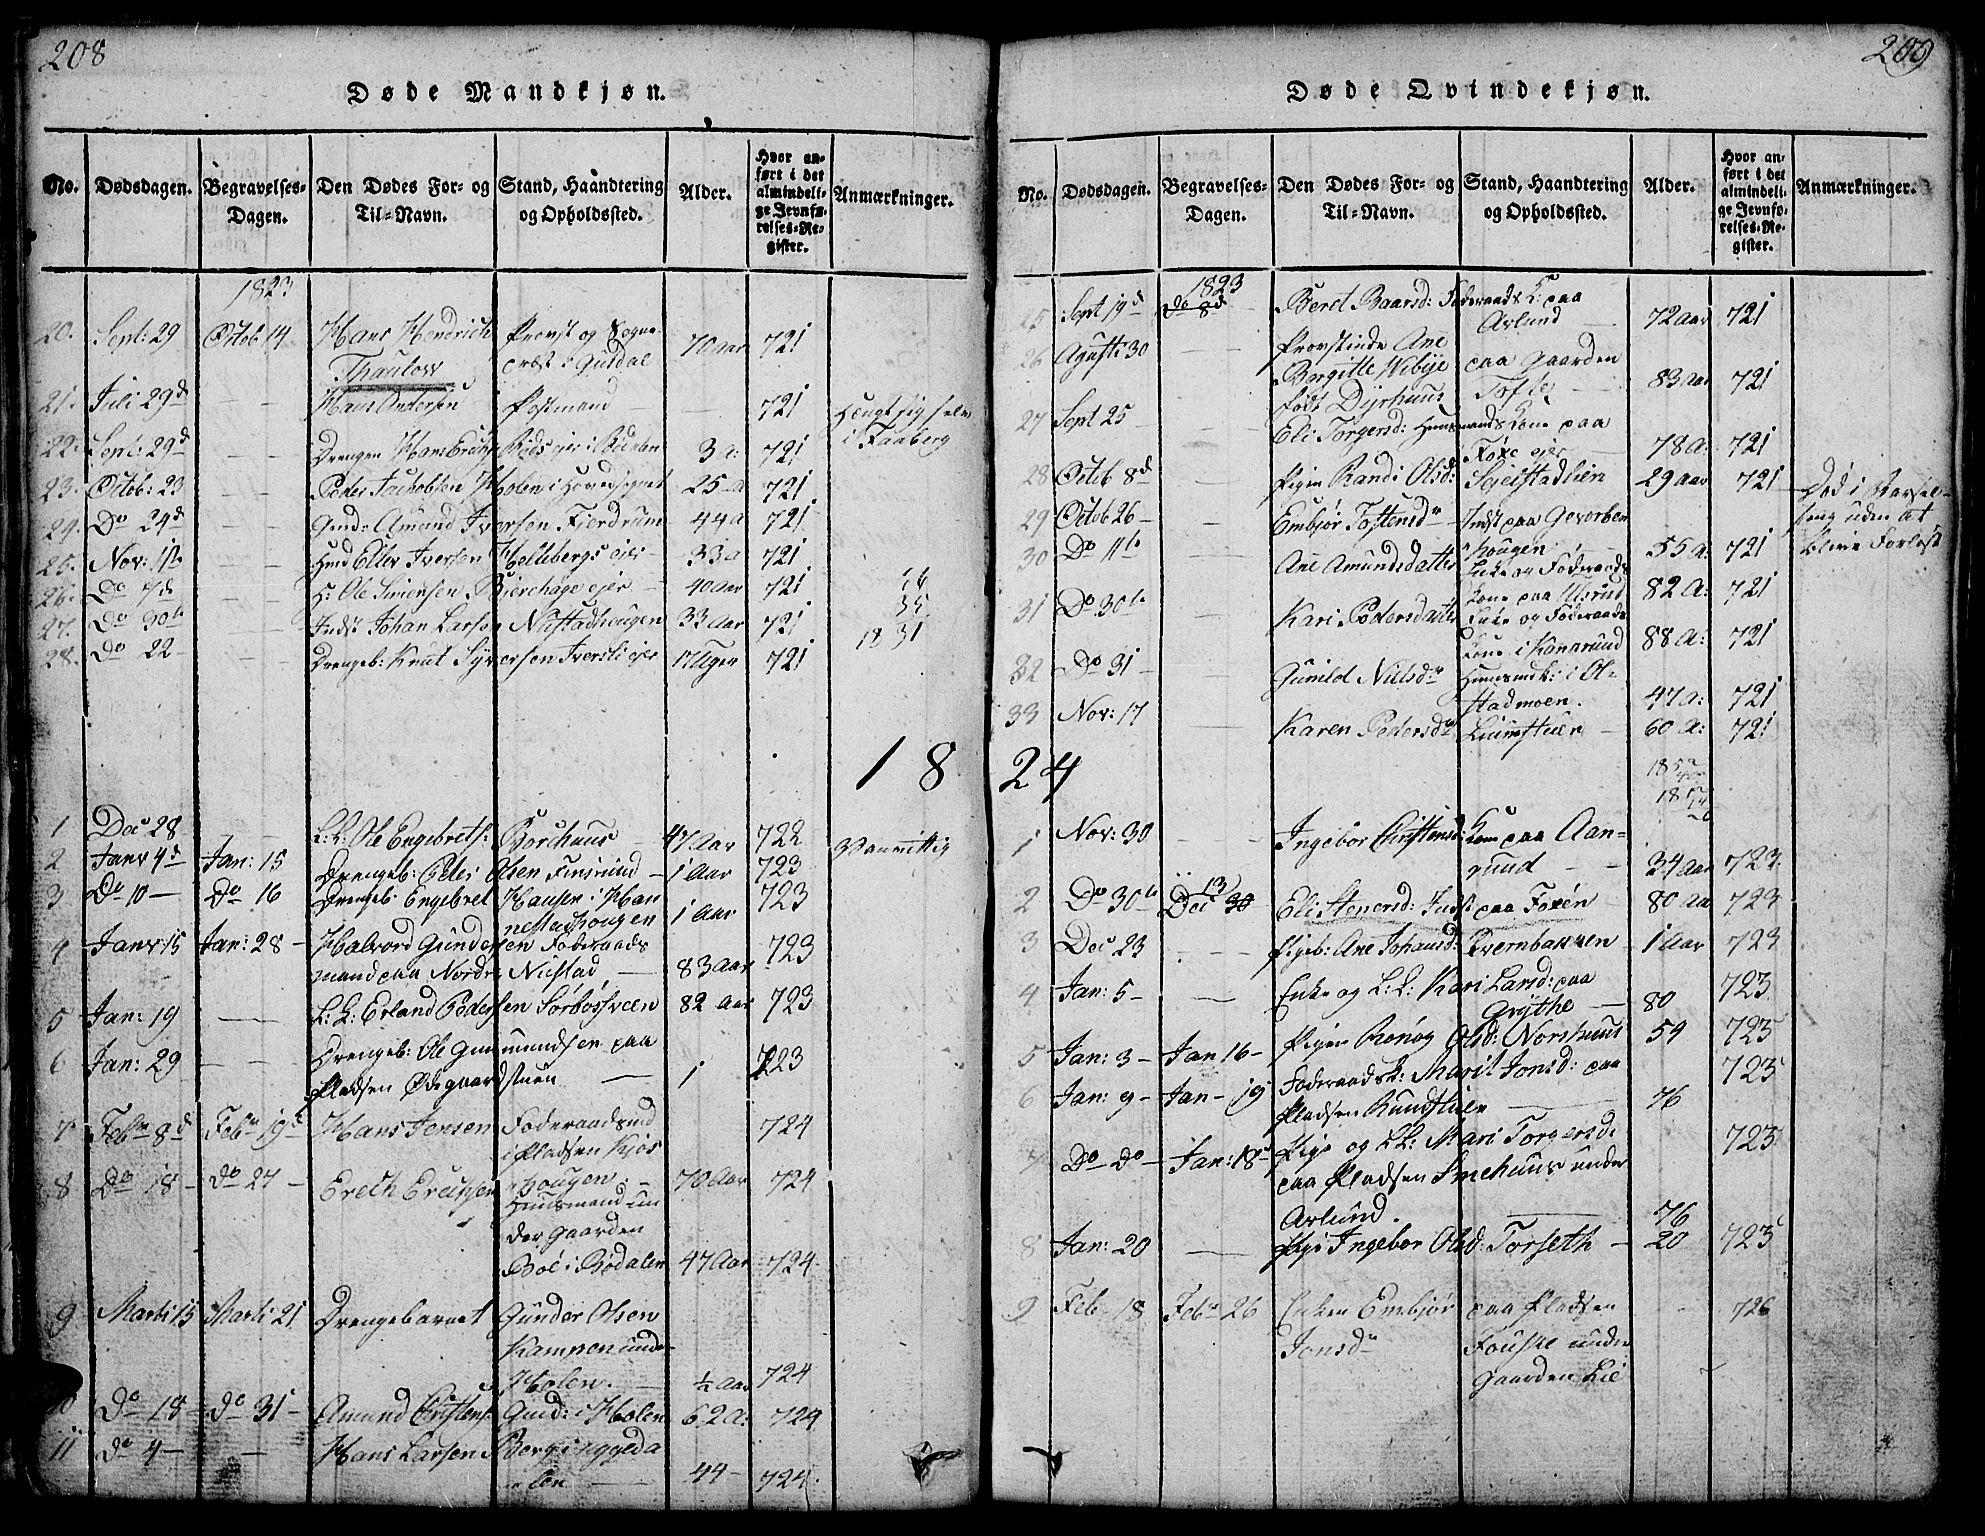 SAH, Gausdal prestekontor, Klokkerbok nr. 1, 1817-1848, s. 208-209